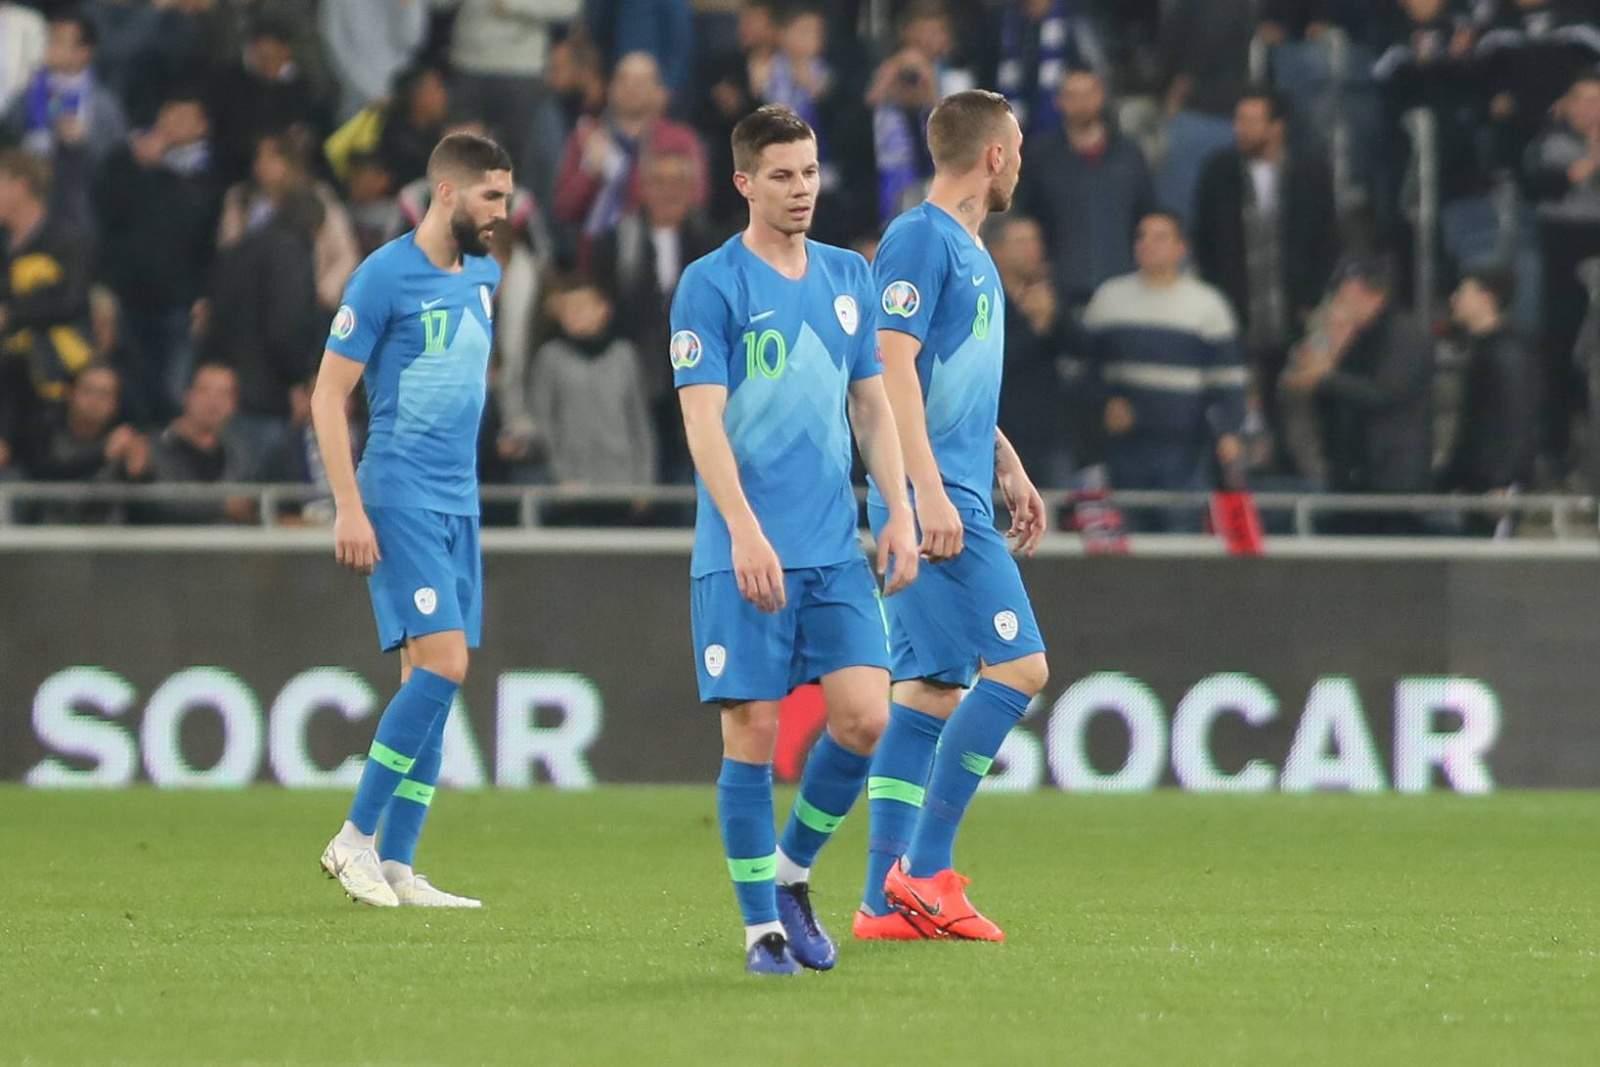 Словения – Словакия: прогноз на матч отборочного цикла чемпионата мира-2022 - 1 сентября 2021